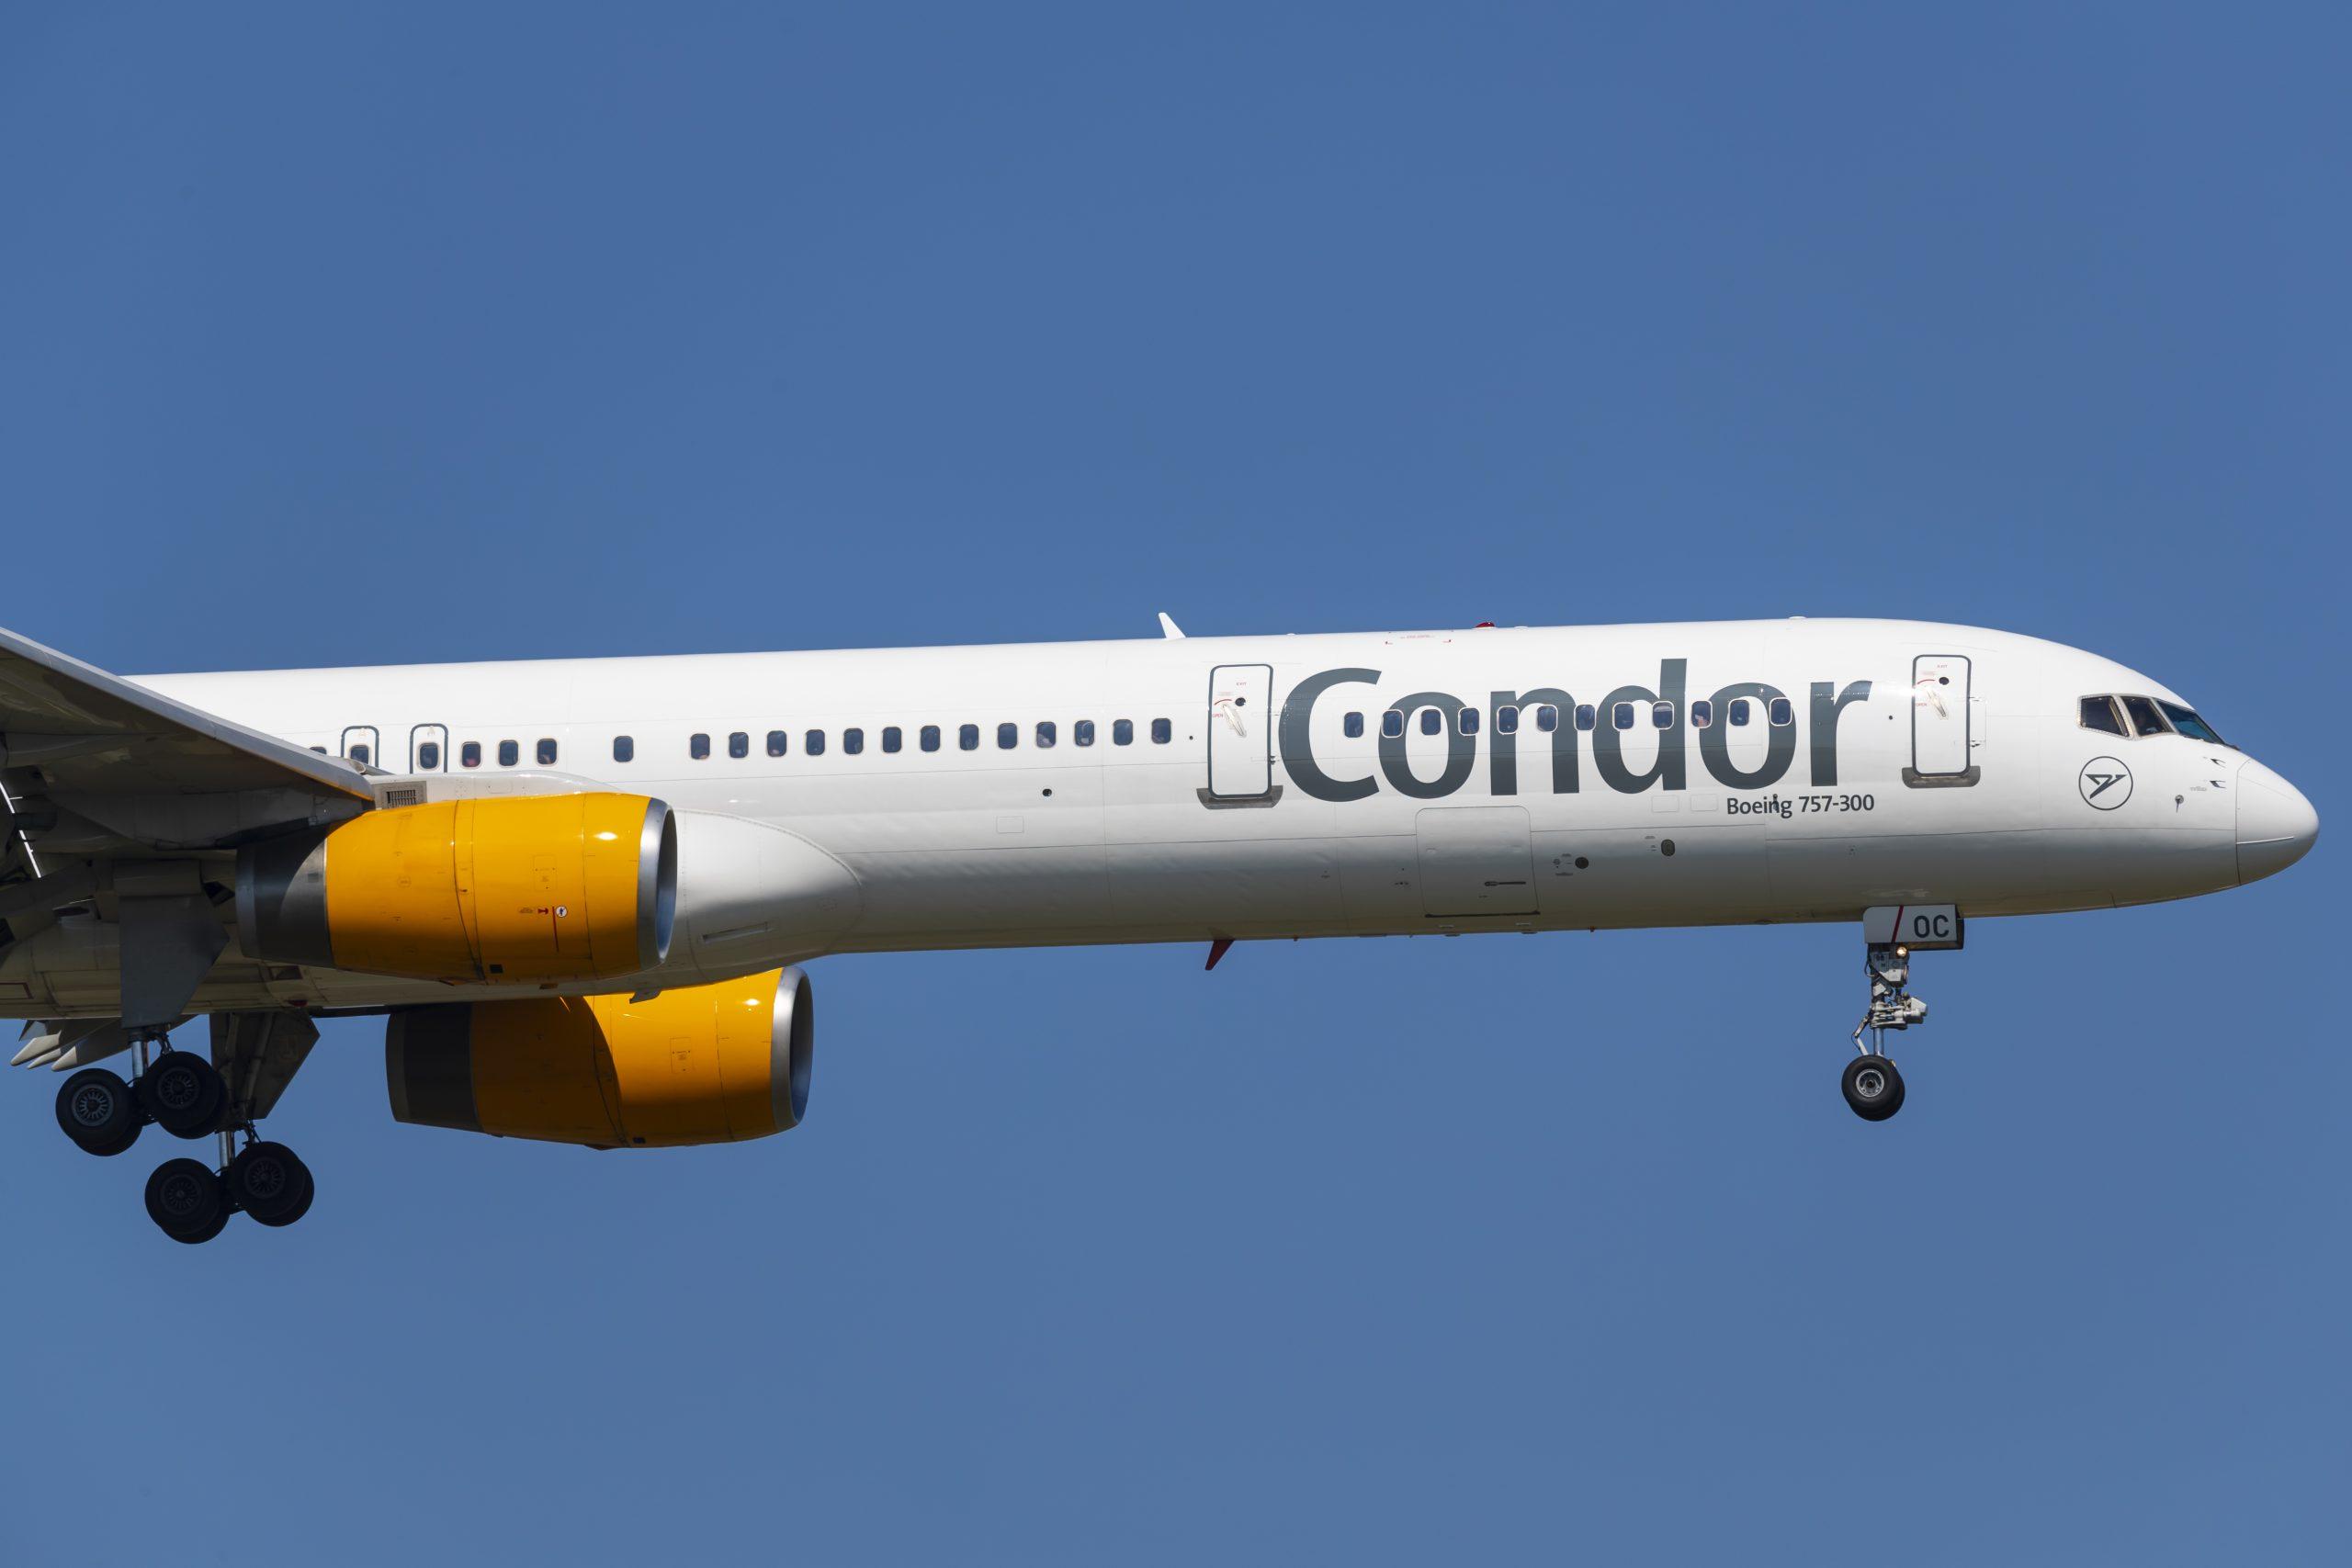 En Boeing 757-300 fra det tyske flyselskab Condor. (Foto: © Thorbjørn Brunander Sund, Danish Aviation Photo)